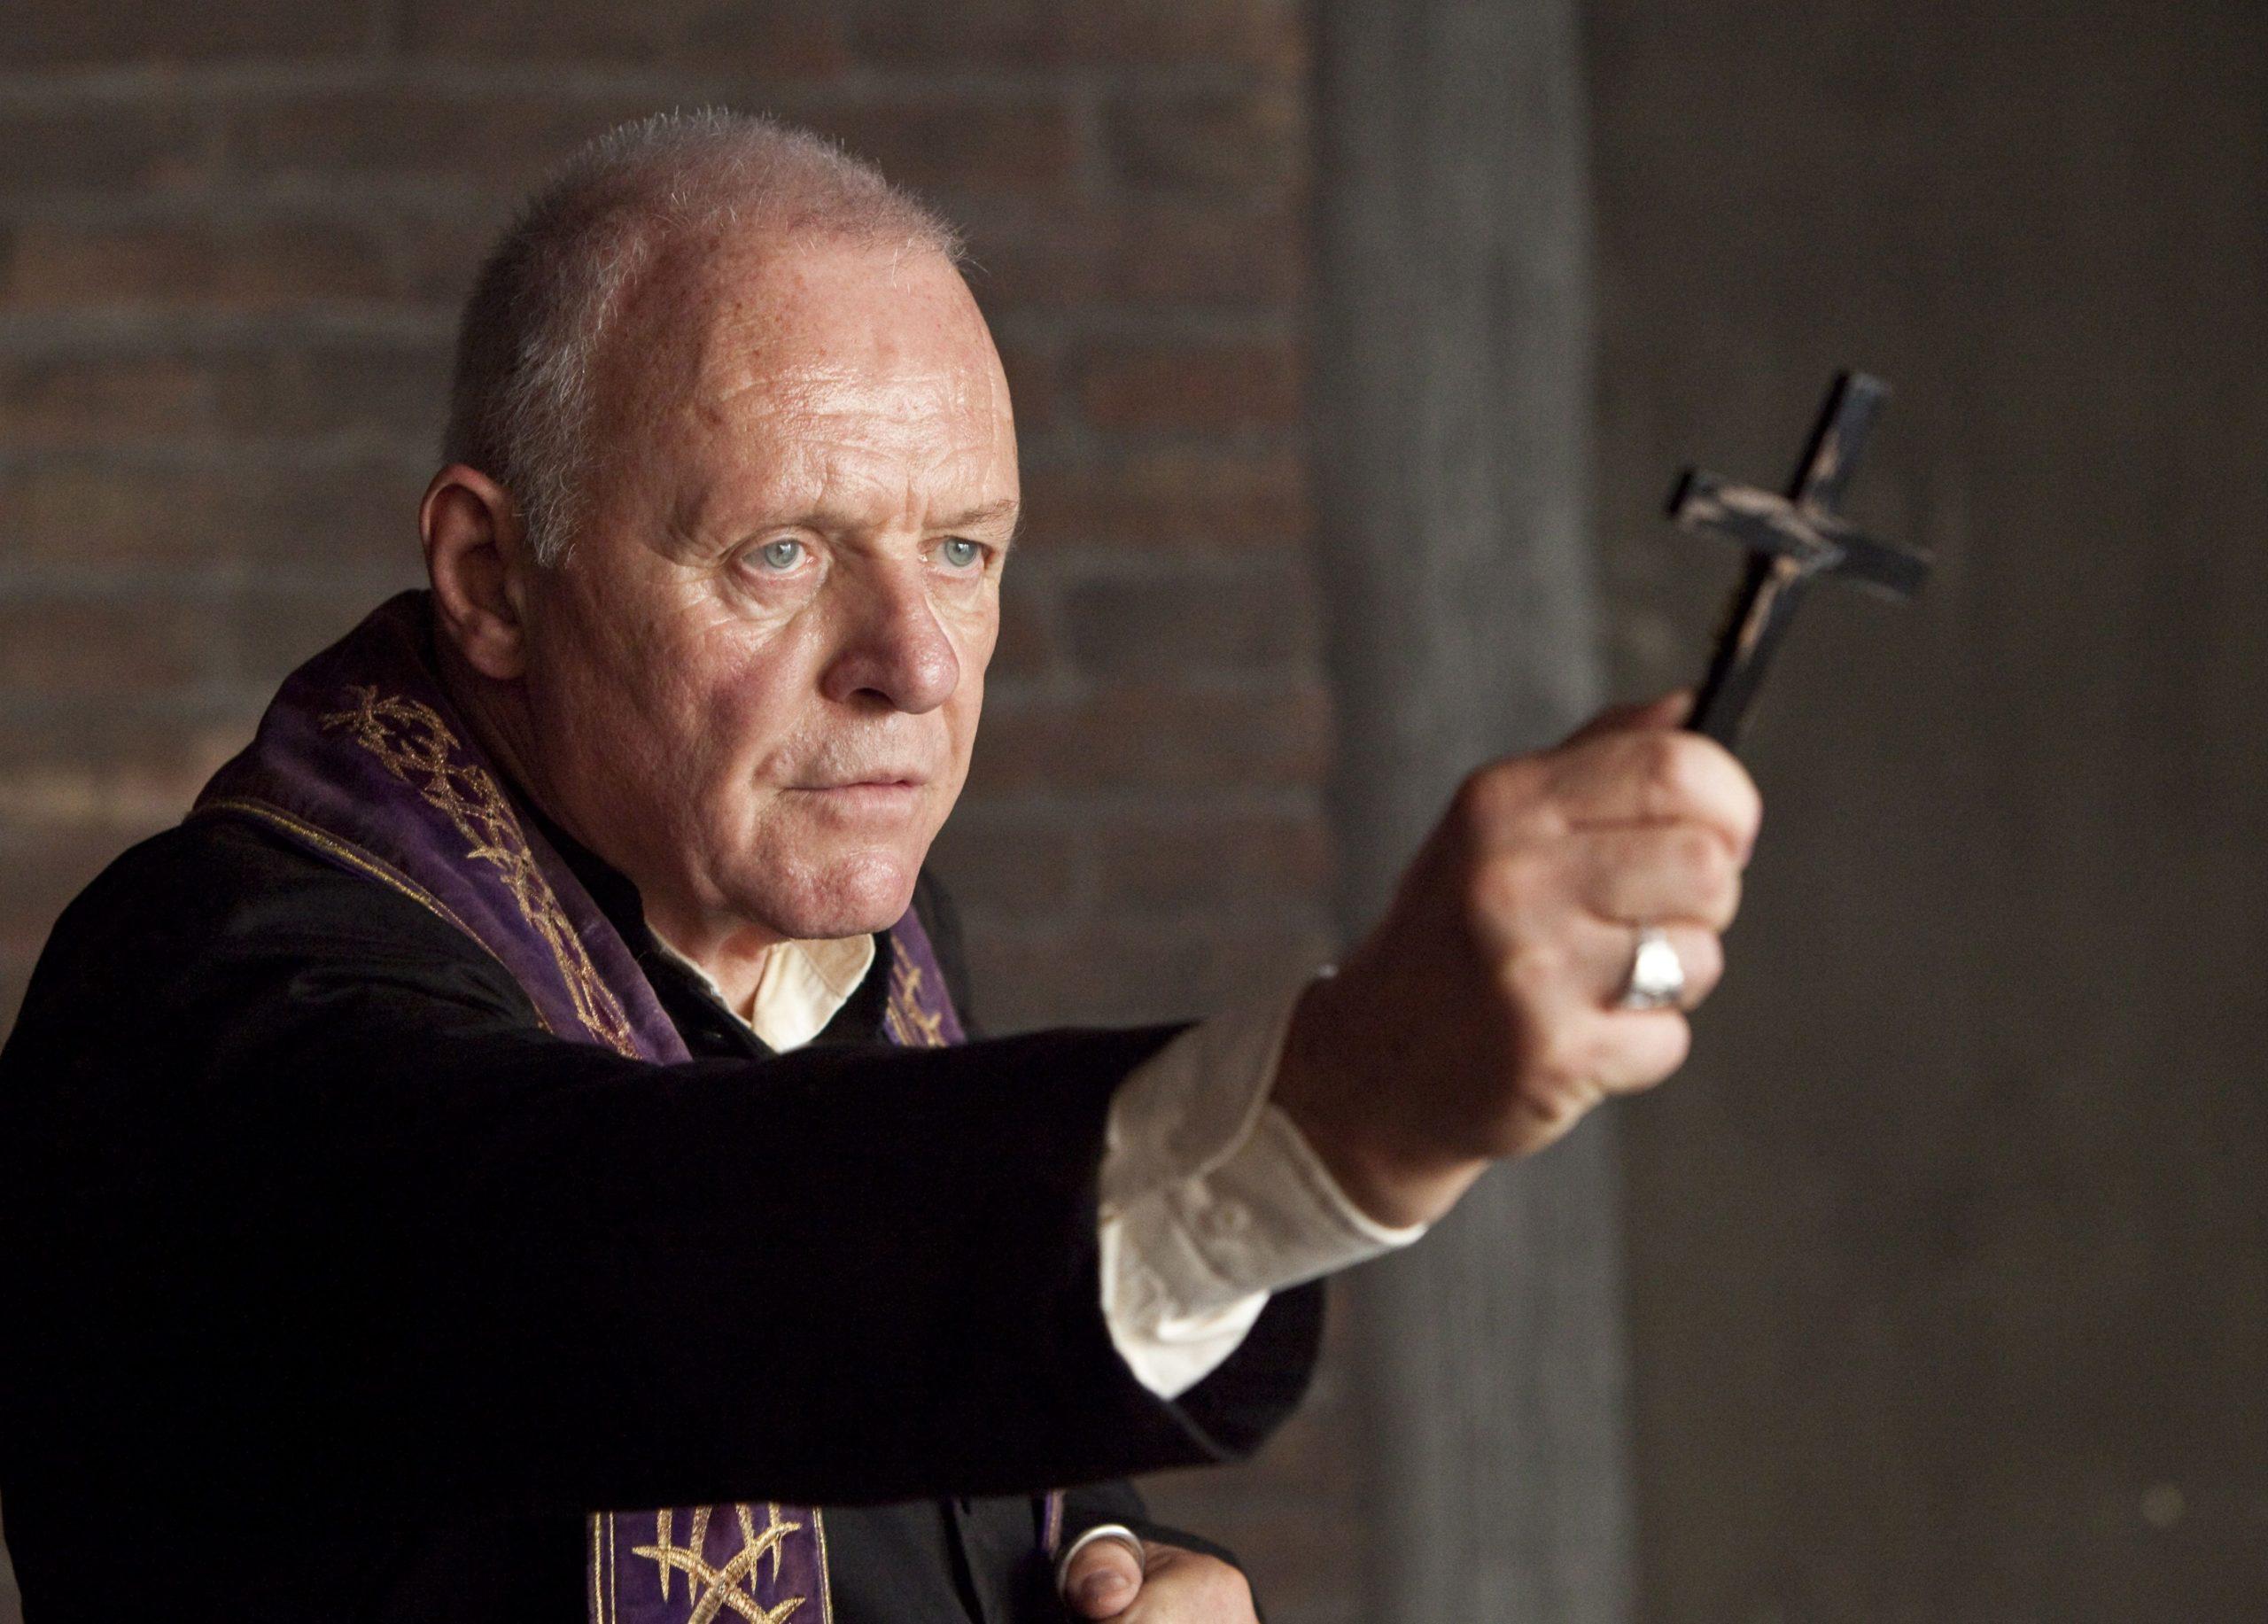 священник в католической церкви